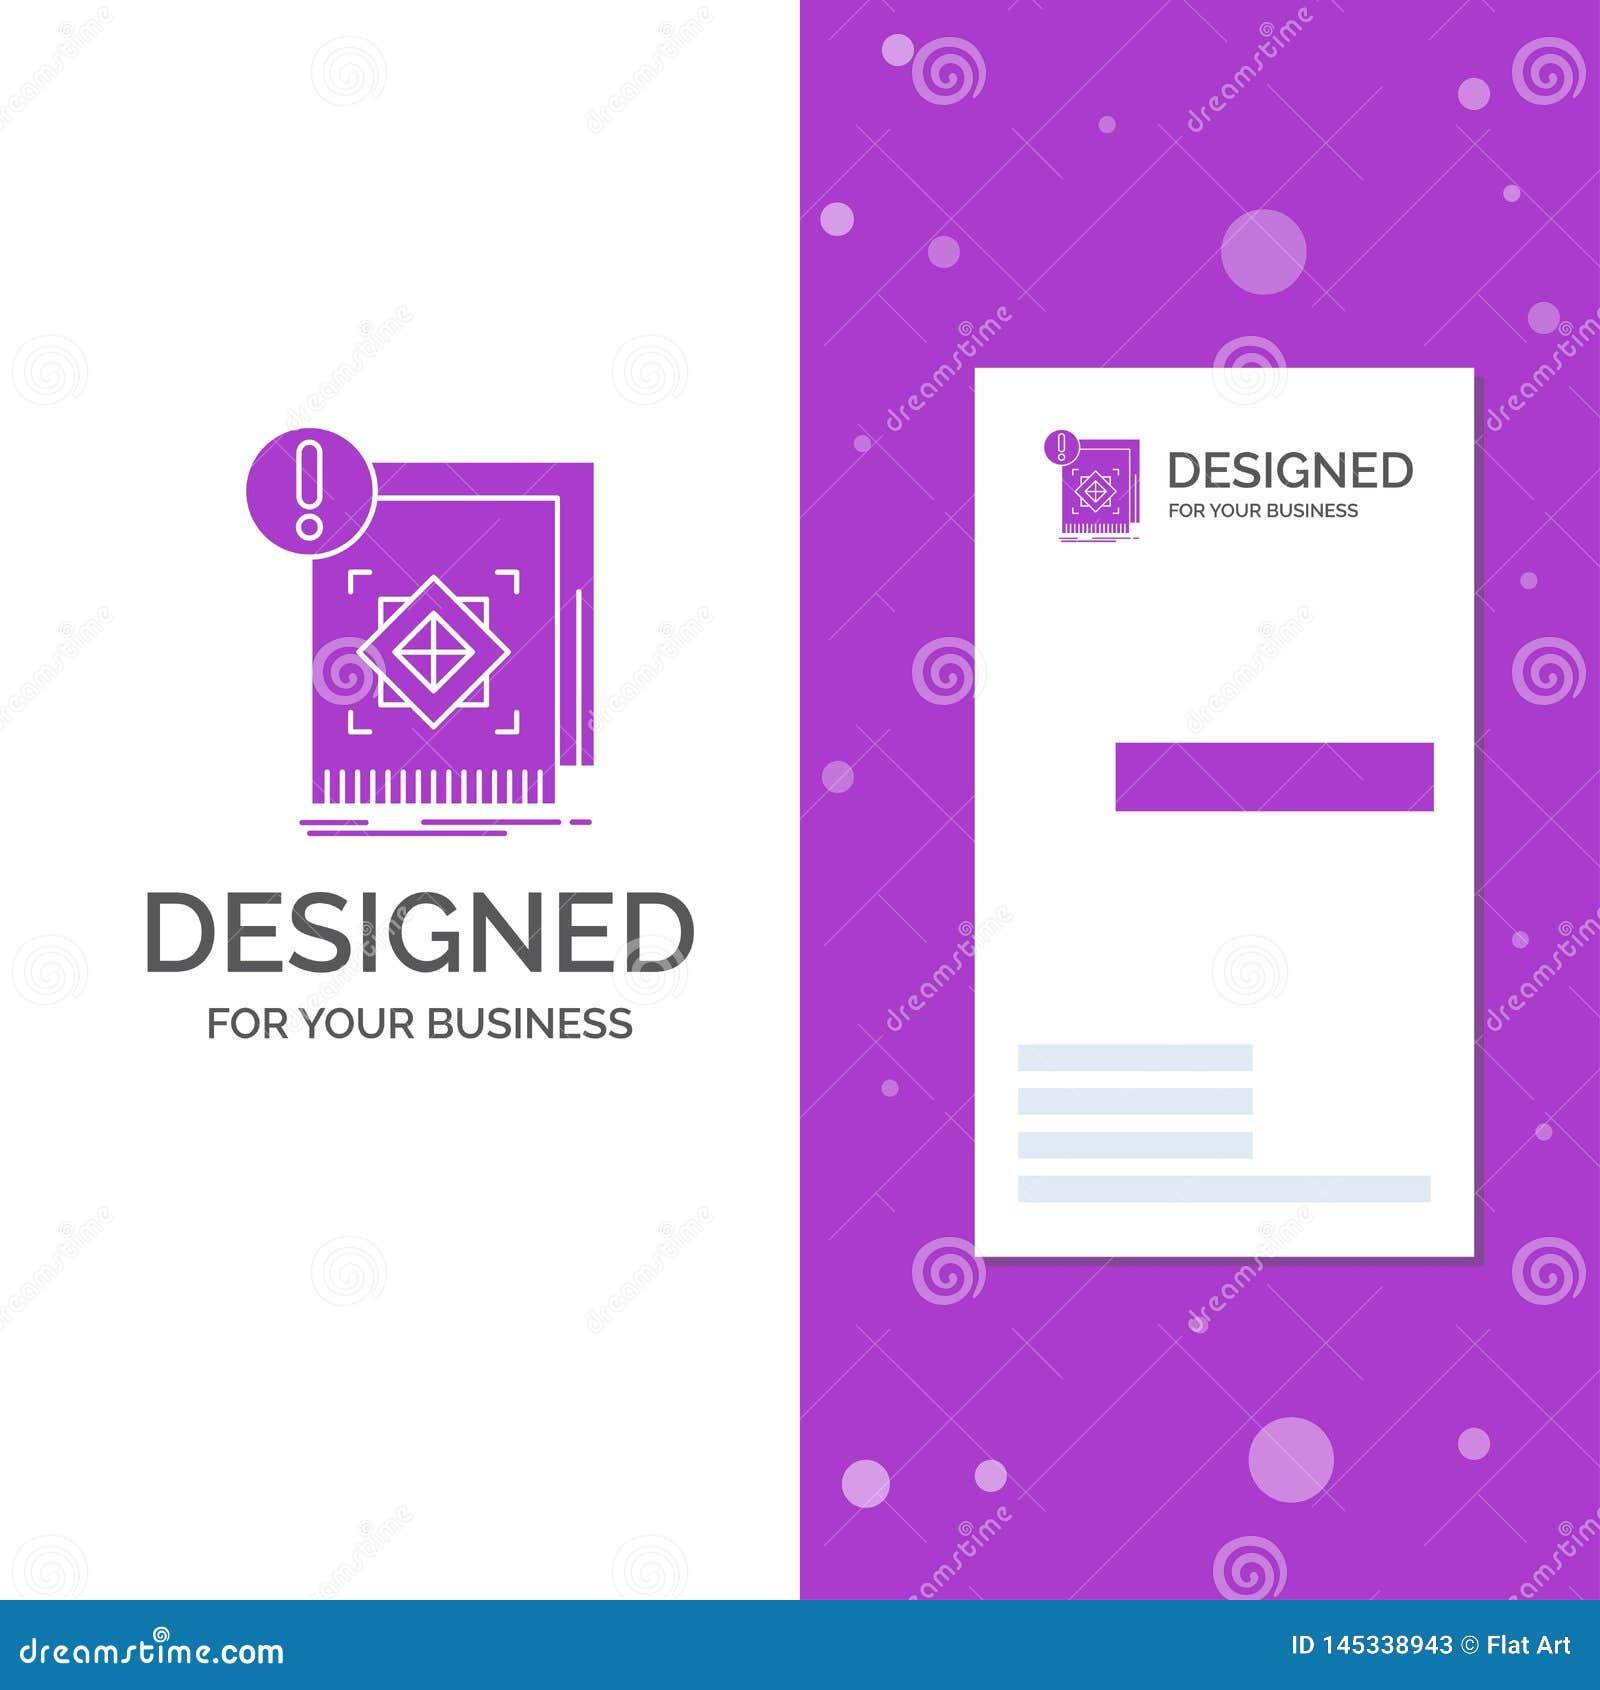 Επιχειρησιακό λογότυπο για τη δομή, πρότυπα, υποδομή, πληροφορίες, επιφυλακή Κάθετο πορφυρό πρότυπο καρτών επιχειρήσεων/επίσκεψης